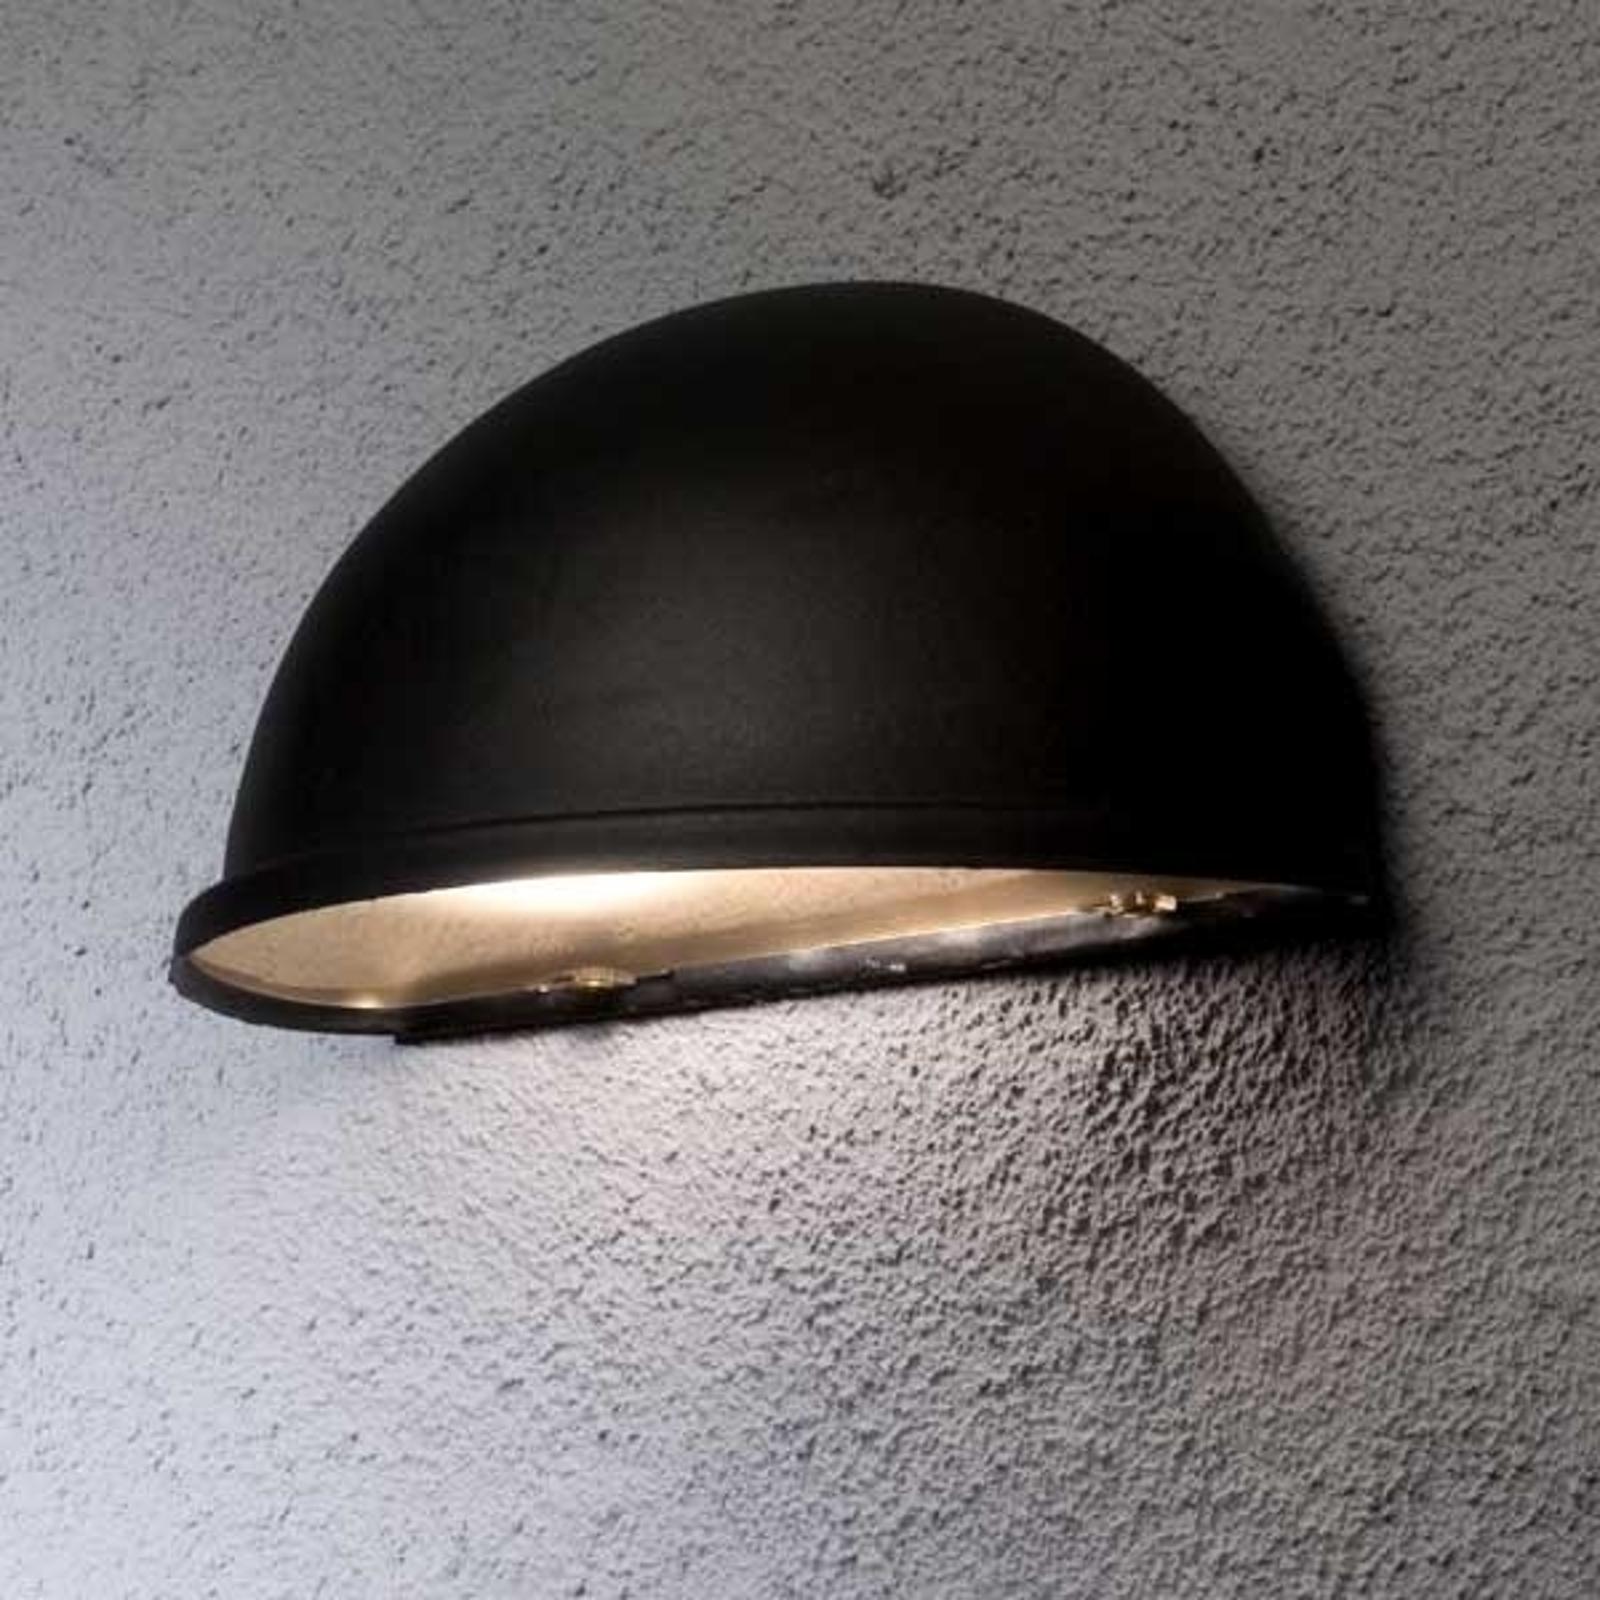 Zewnętrzna lampa ścienna TORINO E27, czarna